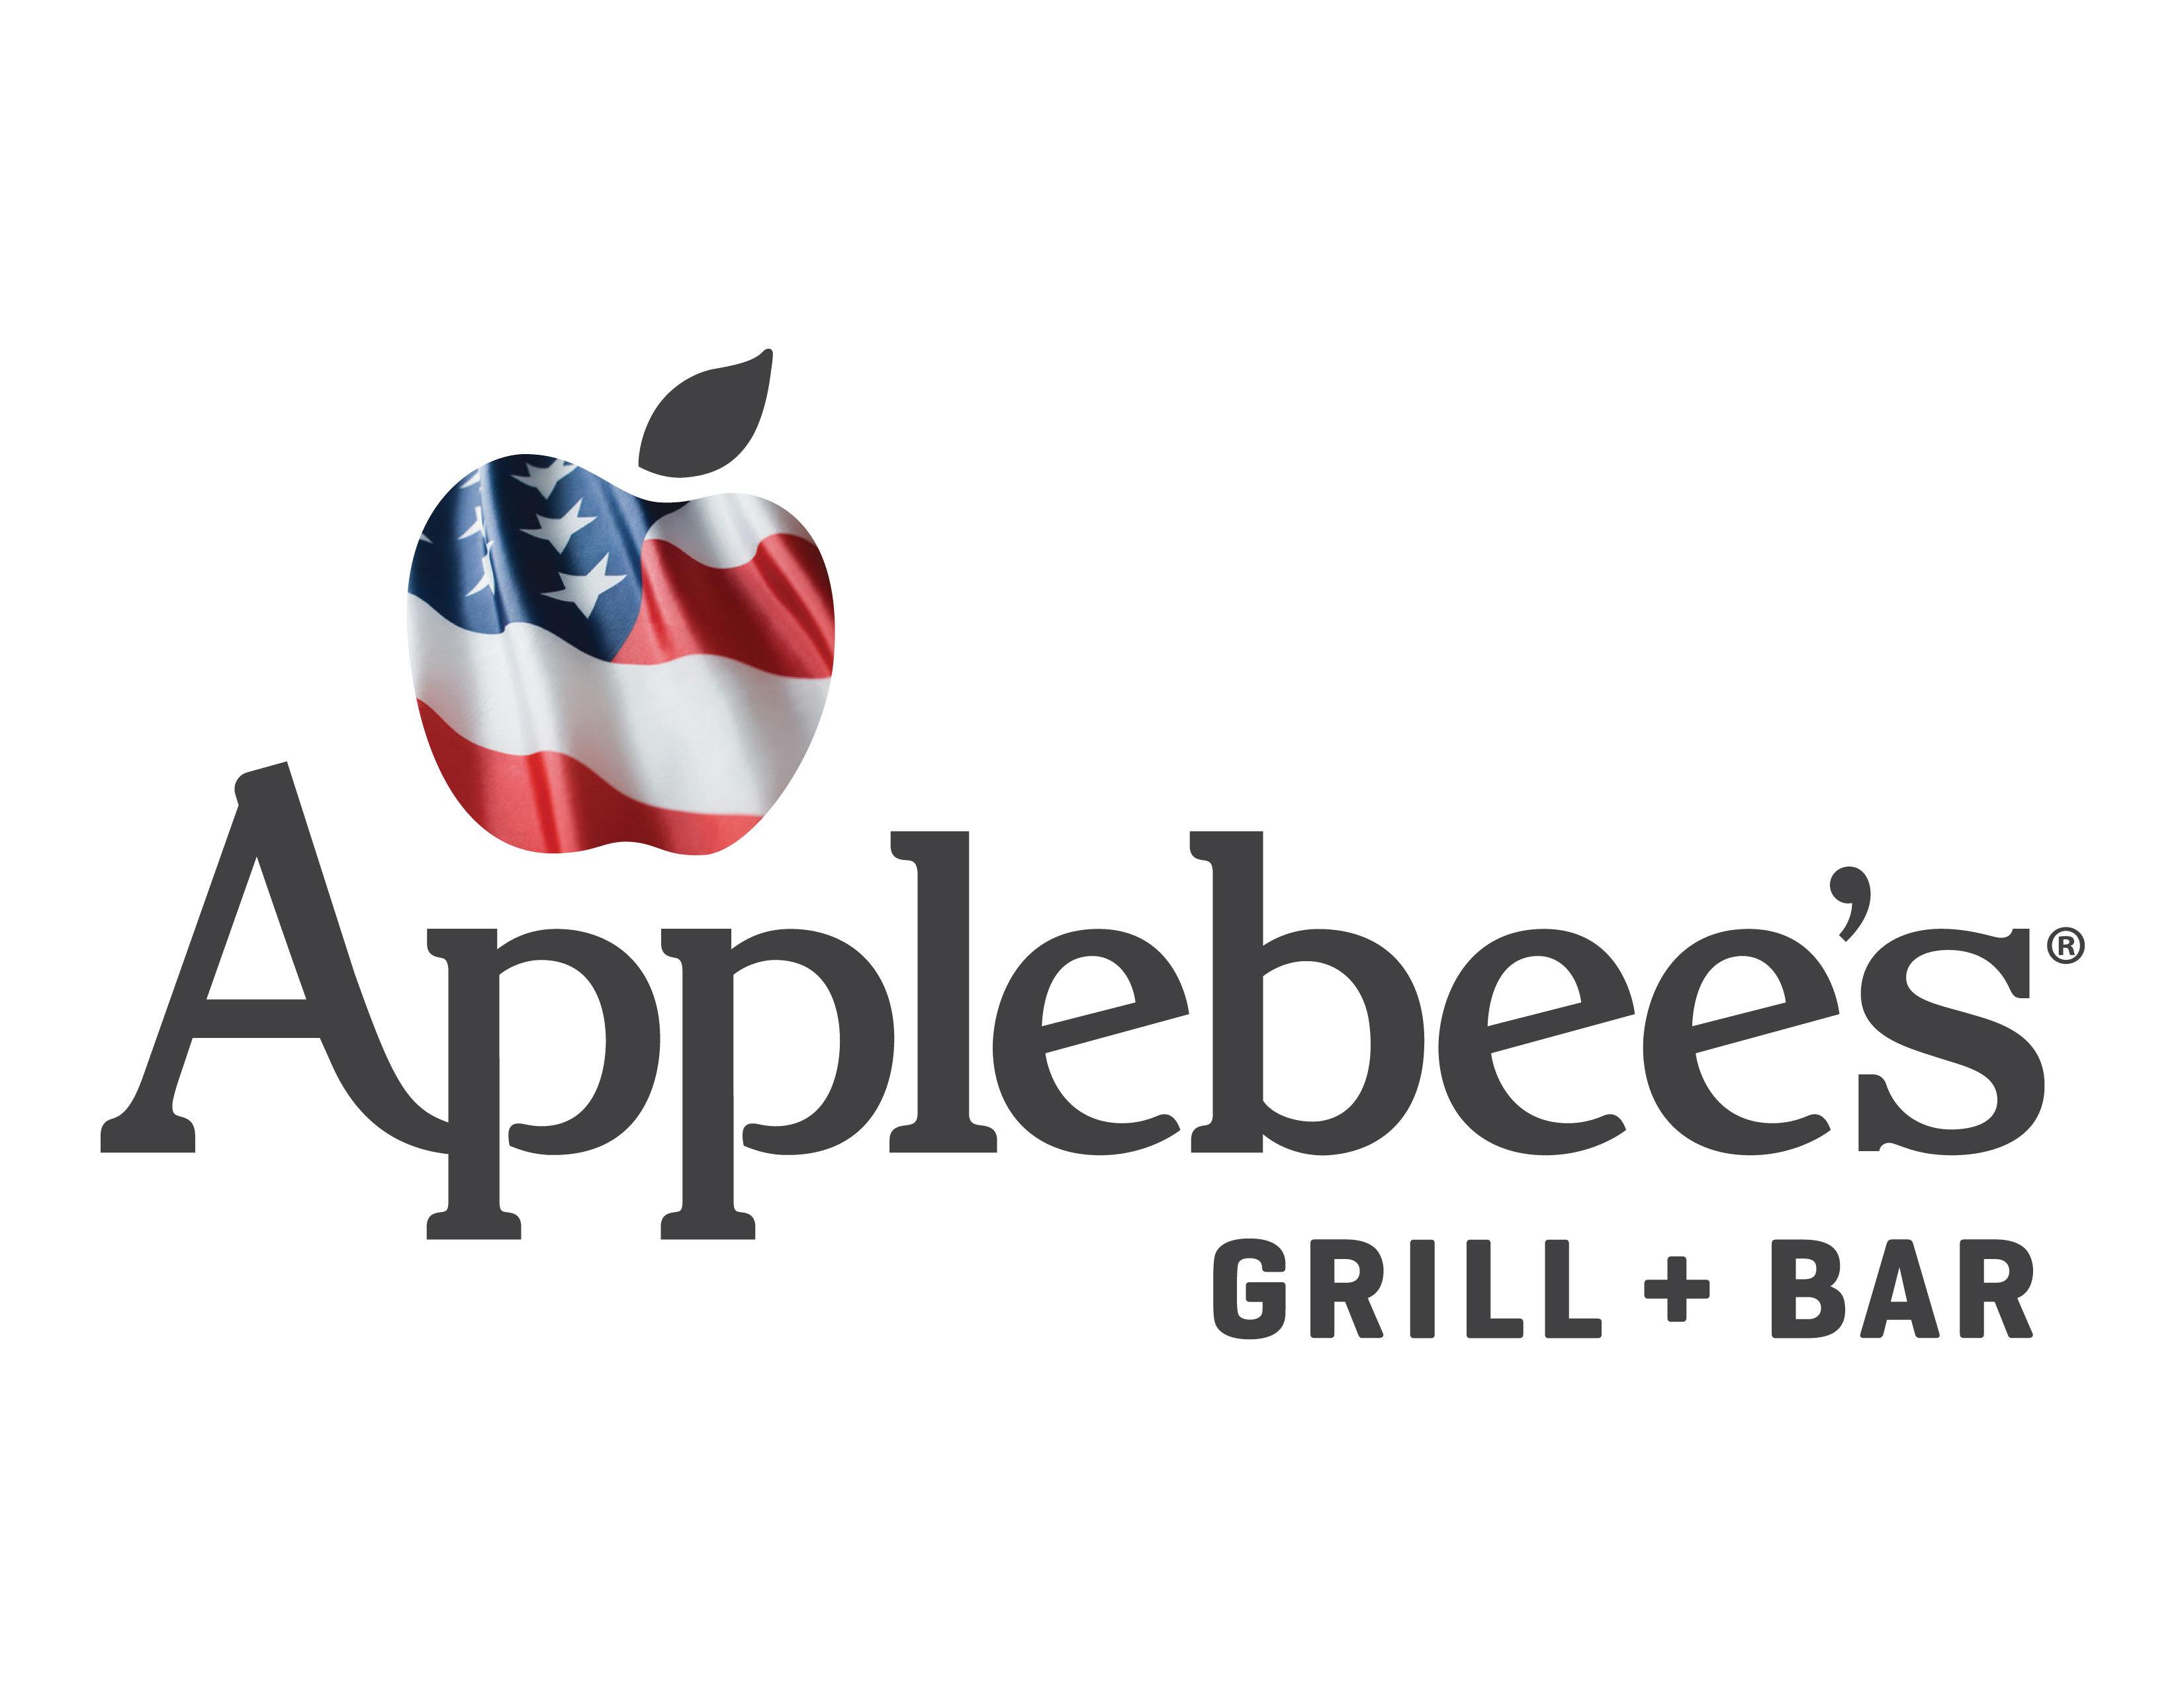 applebees international inc free lunch for veterans veterans day